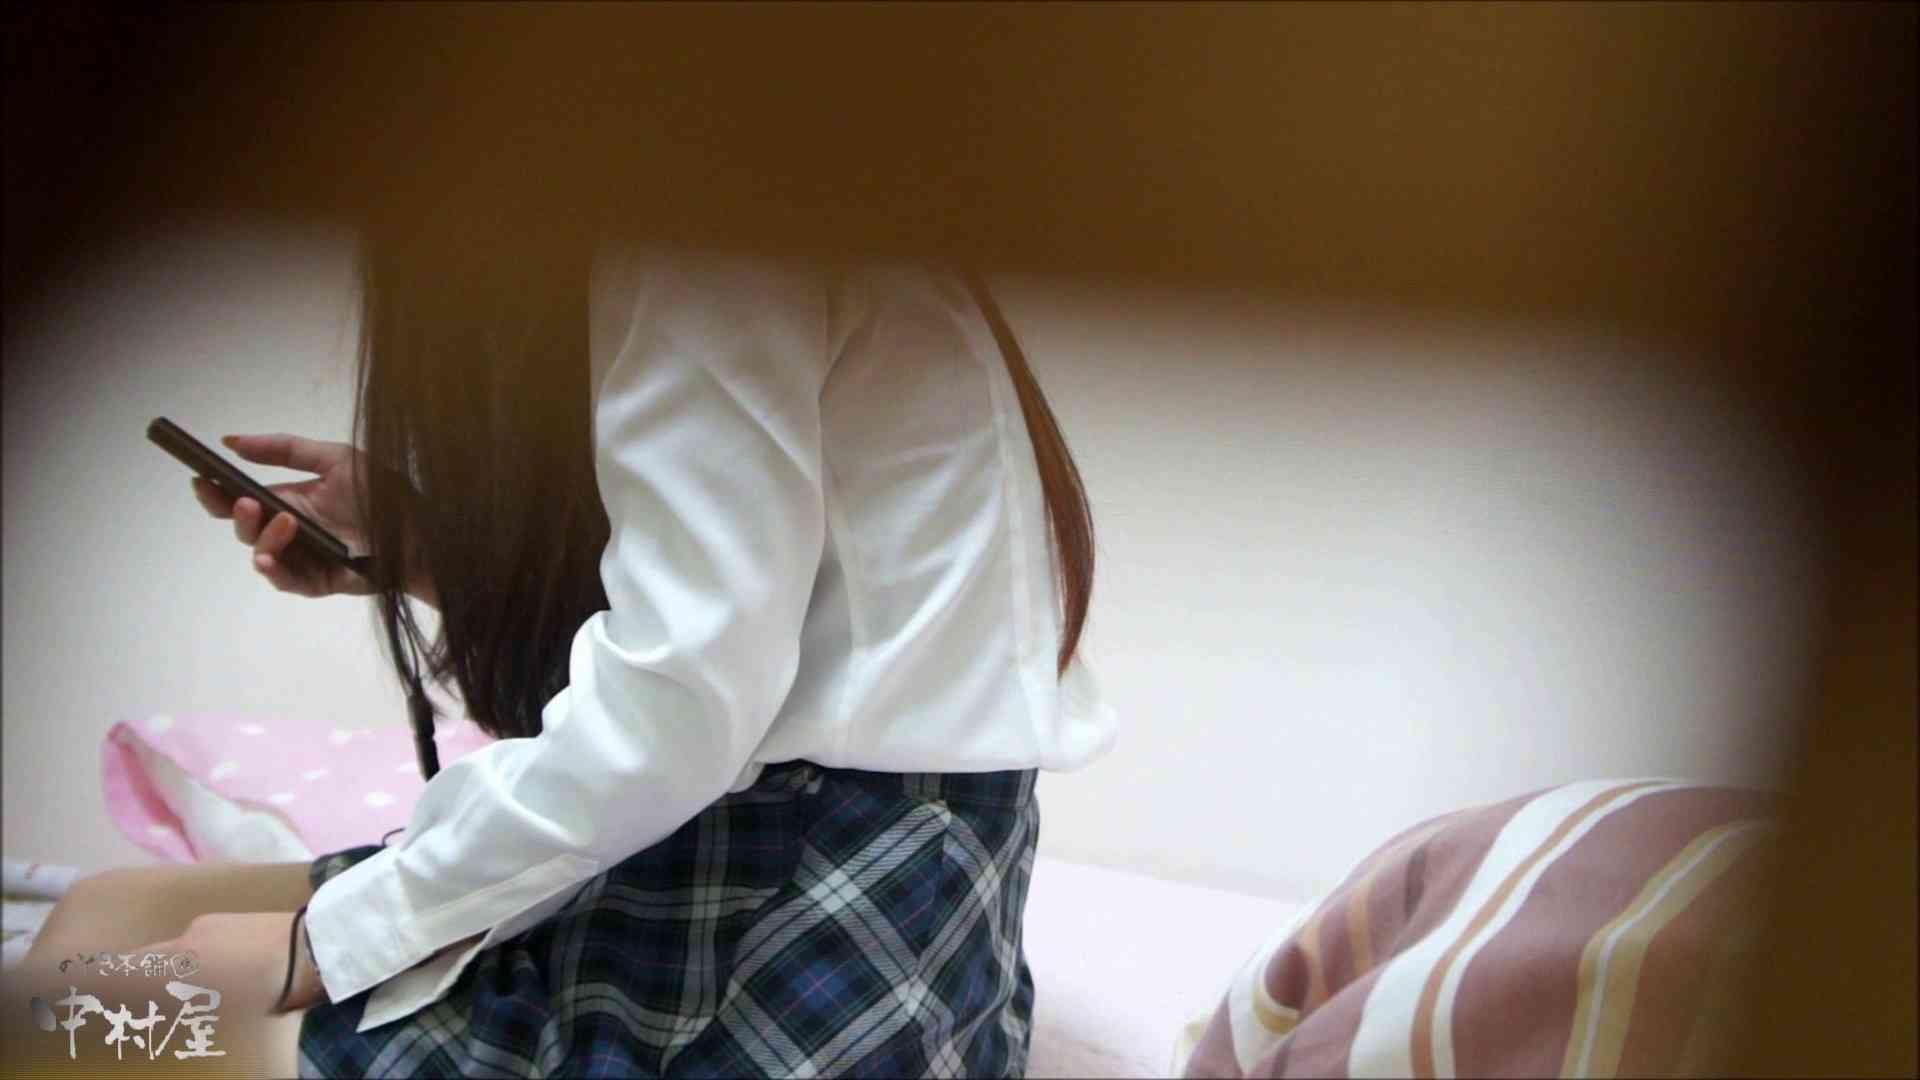 二人とも育てた甲斐がありました…vol.24 レイカの放課後オナニーの瞬間。 美しいOLの裸体  95pic 2